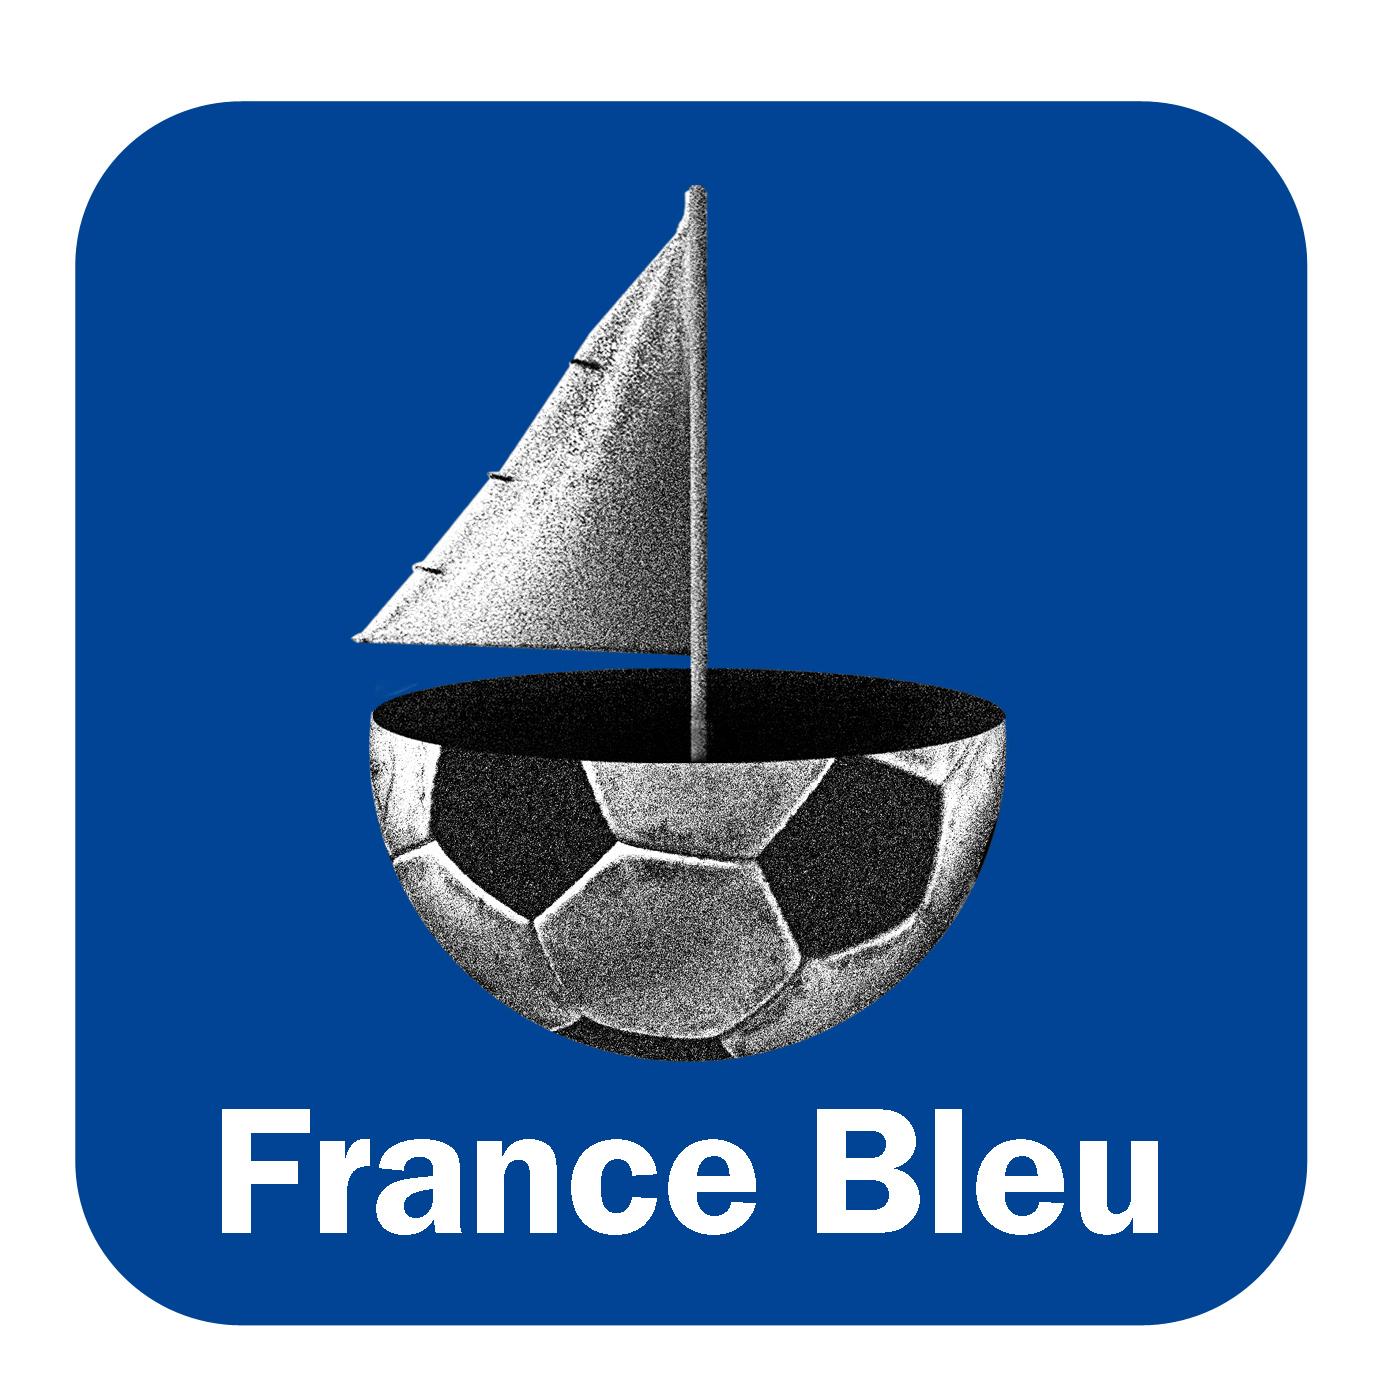 Stonda Turchina France Bleu RCFM